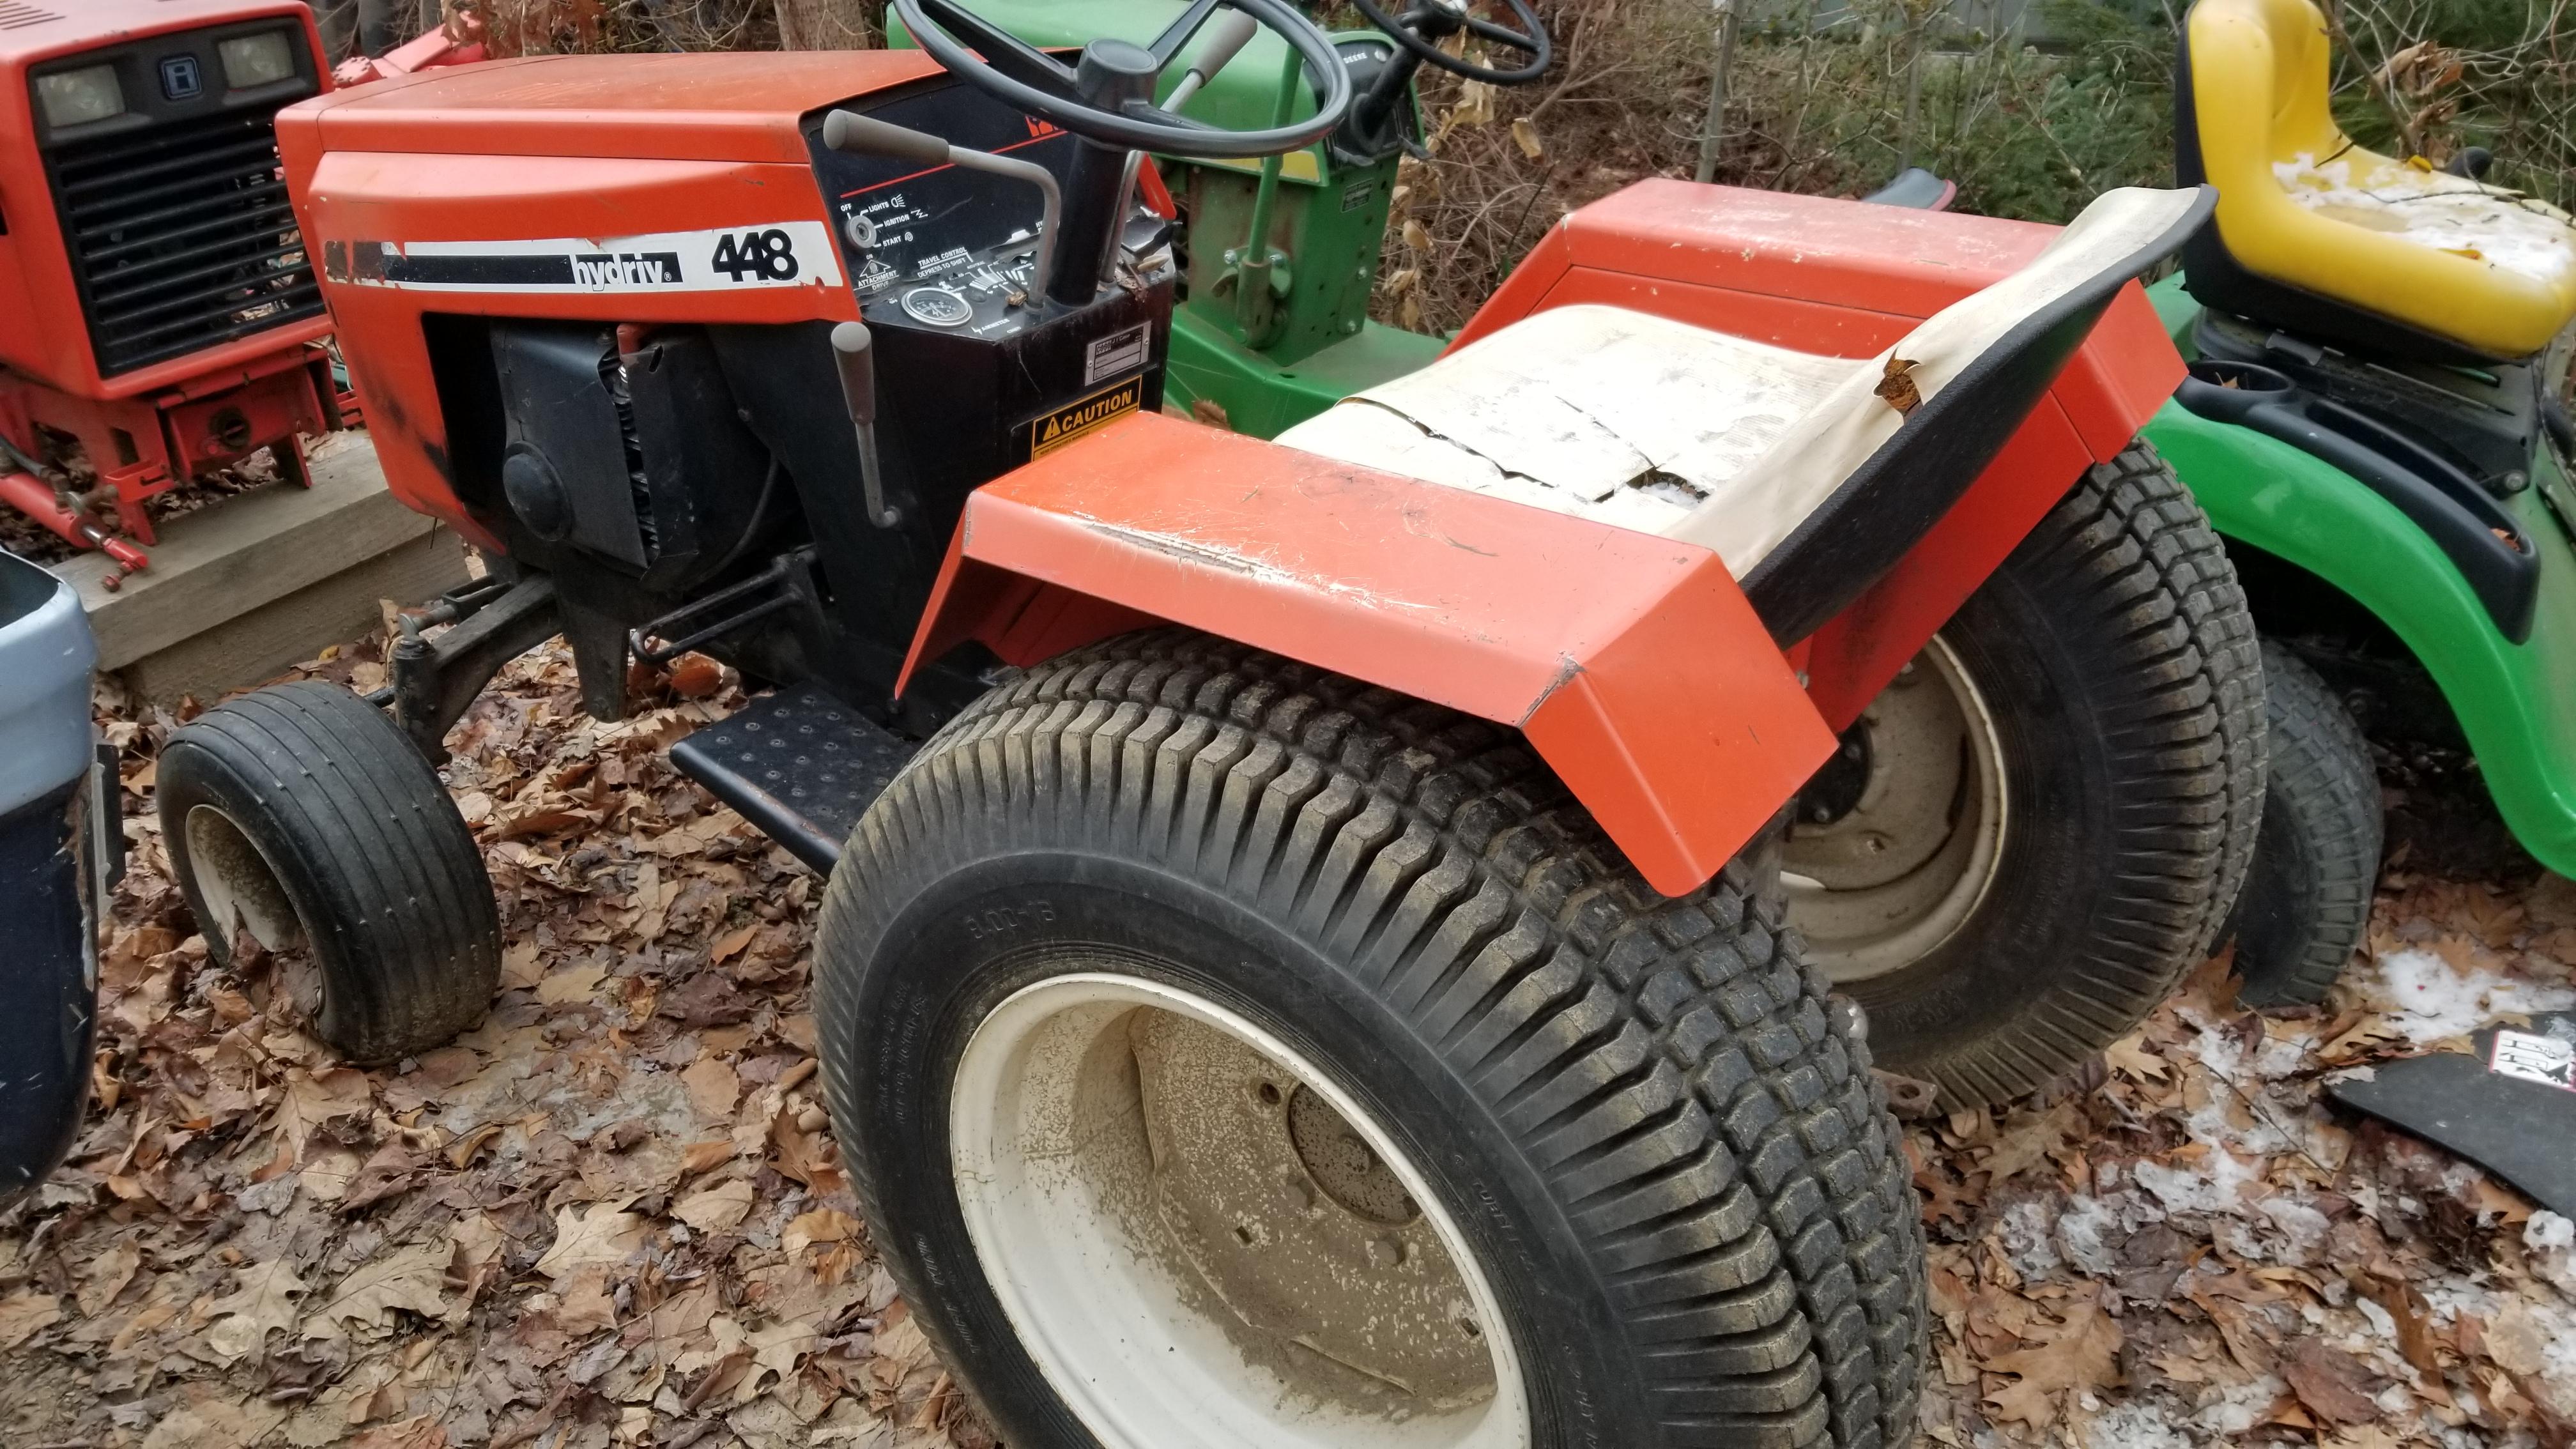 5) 446 Case Garden Tractor Refurb 2021